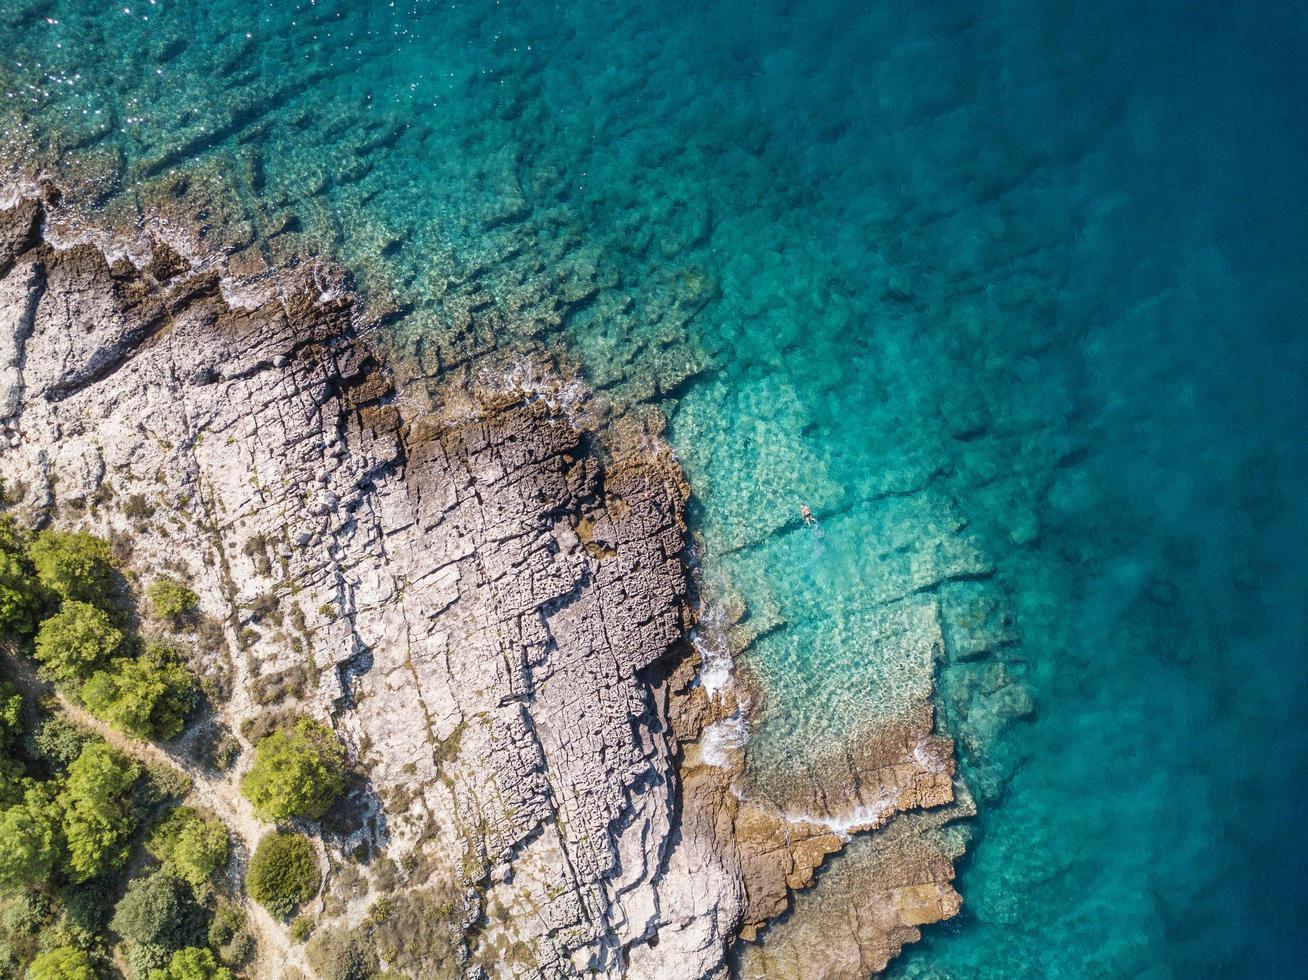 vue aérienne, de, plongeur solo, dans, turquoise, côtier, vert, eaux photo